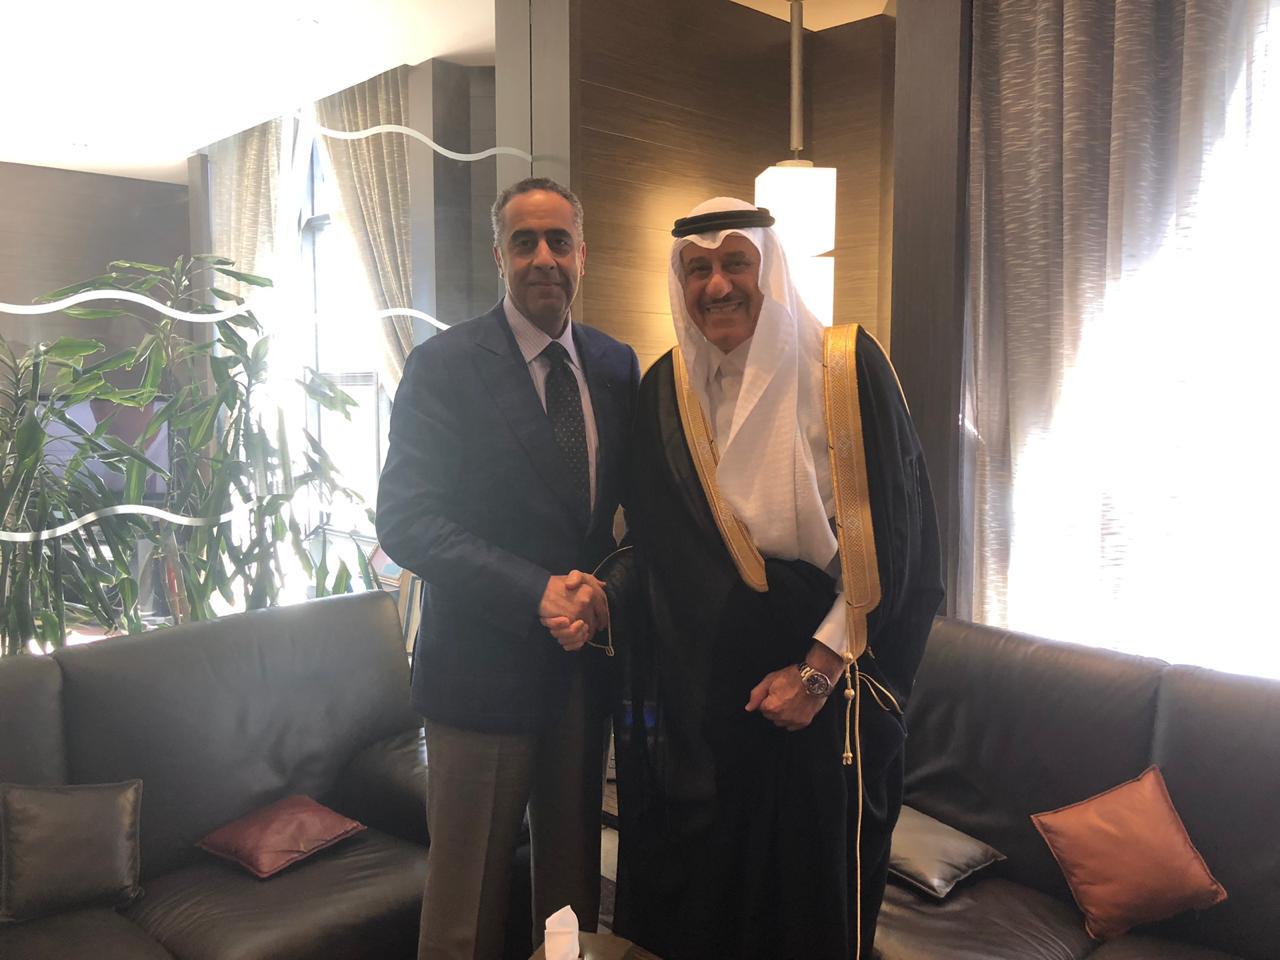 السفير السعودي مع المدير العام للمديرية العامة لمراقبة التراب الوطني في المغرب